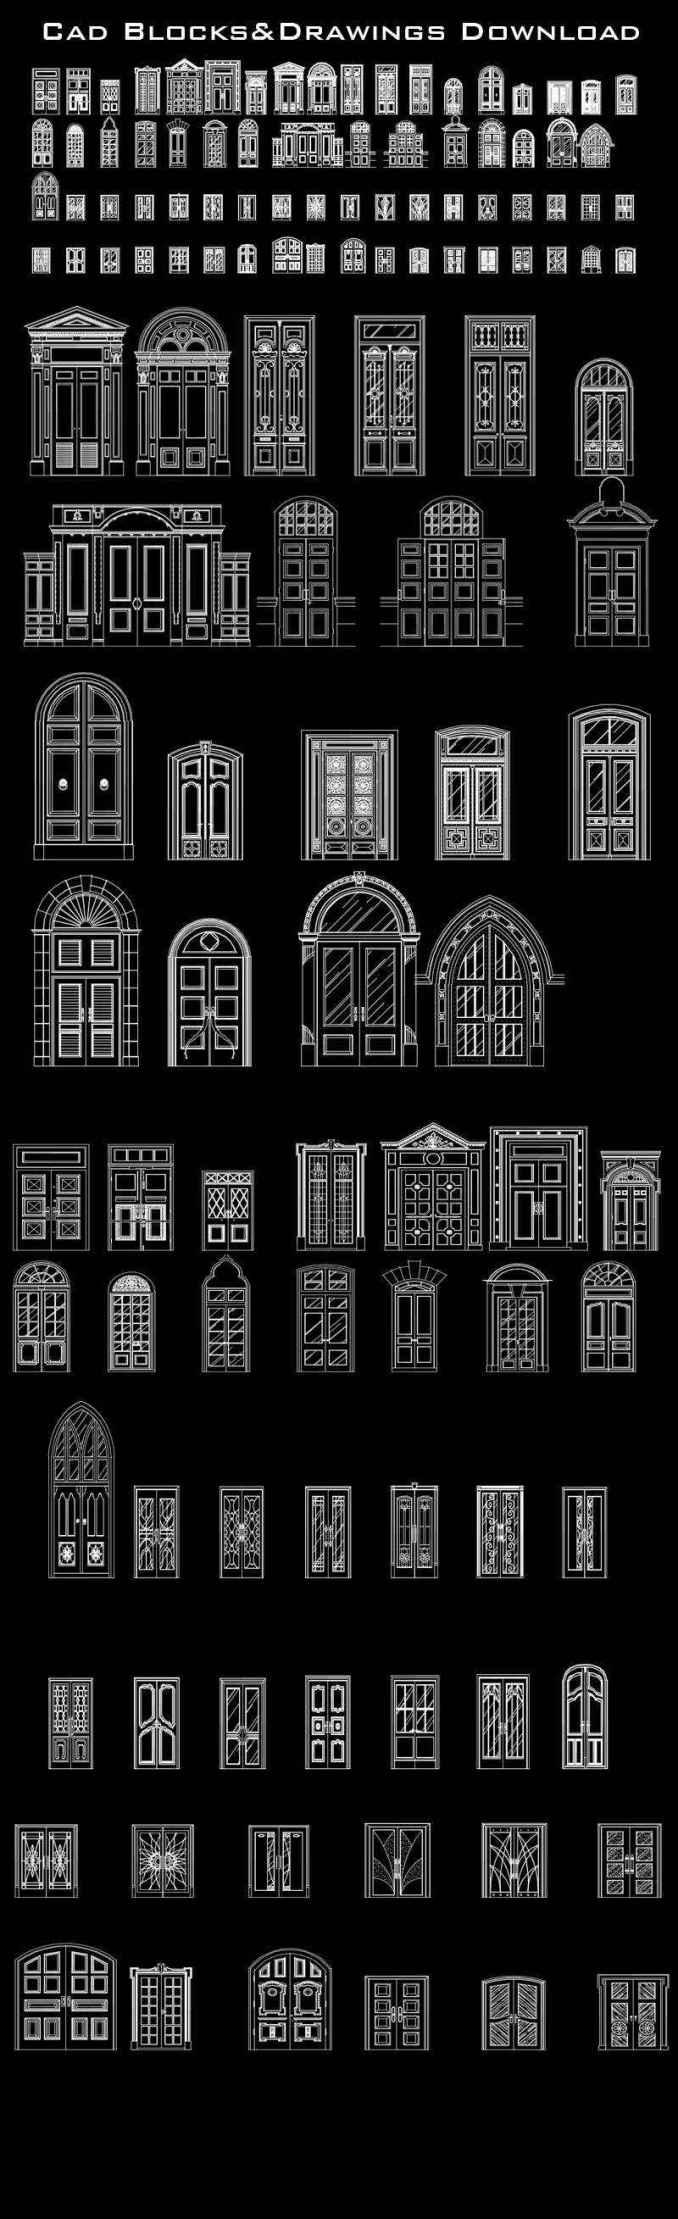 Best door design ideas